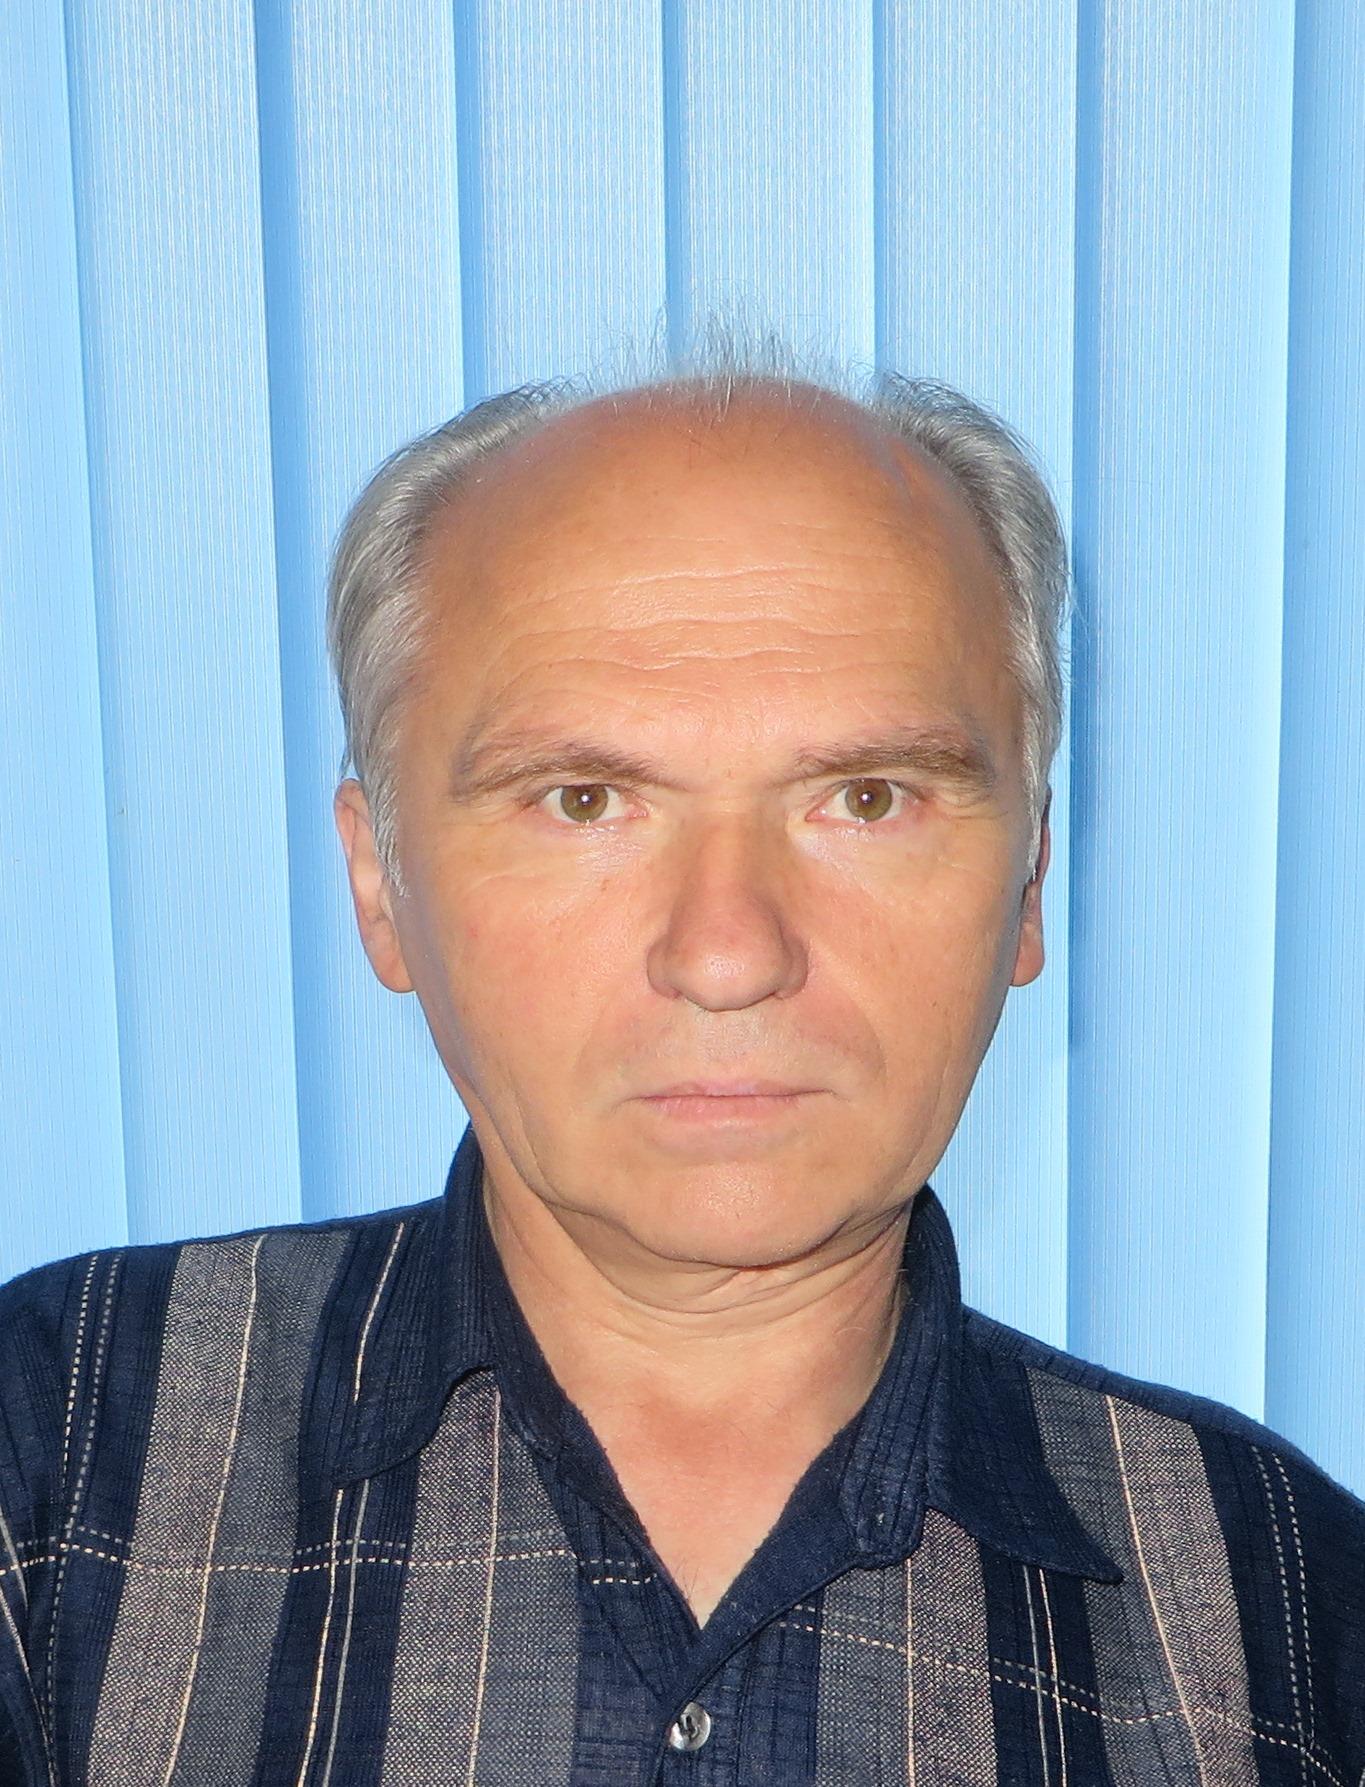 IvanNikolov